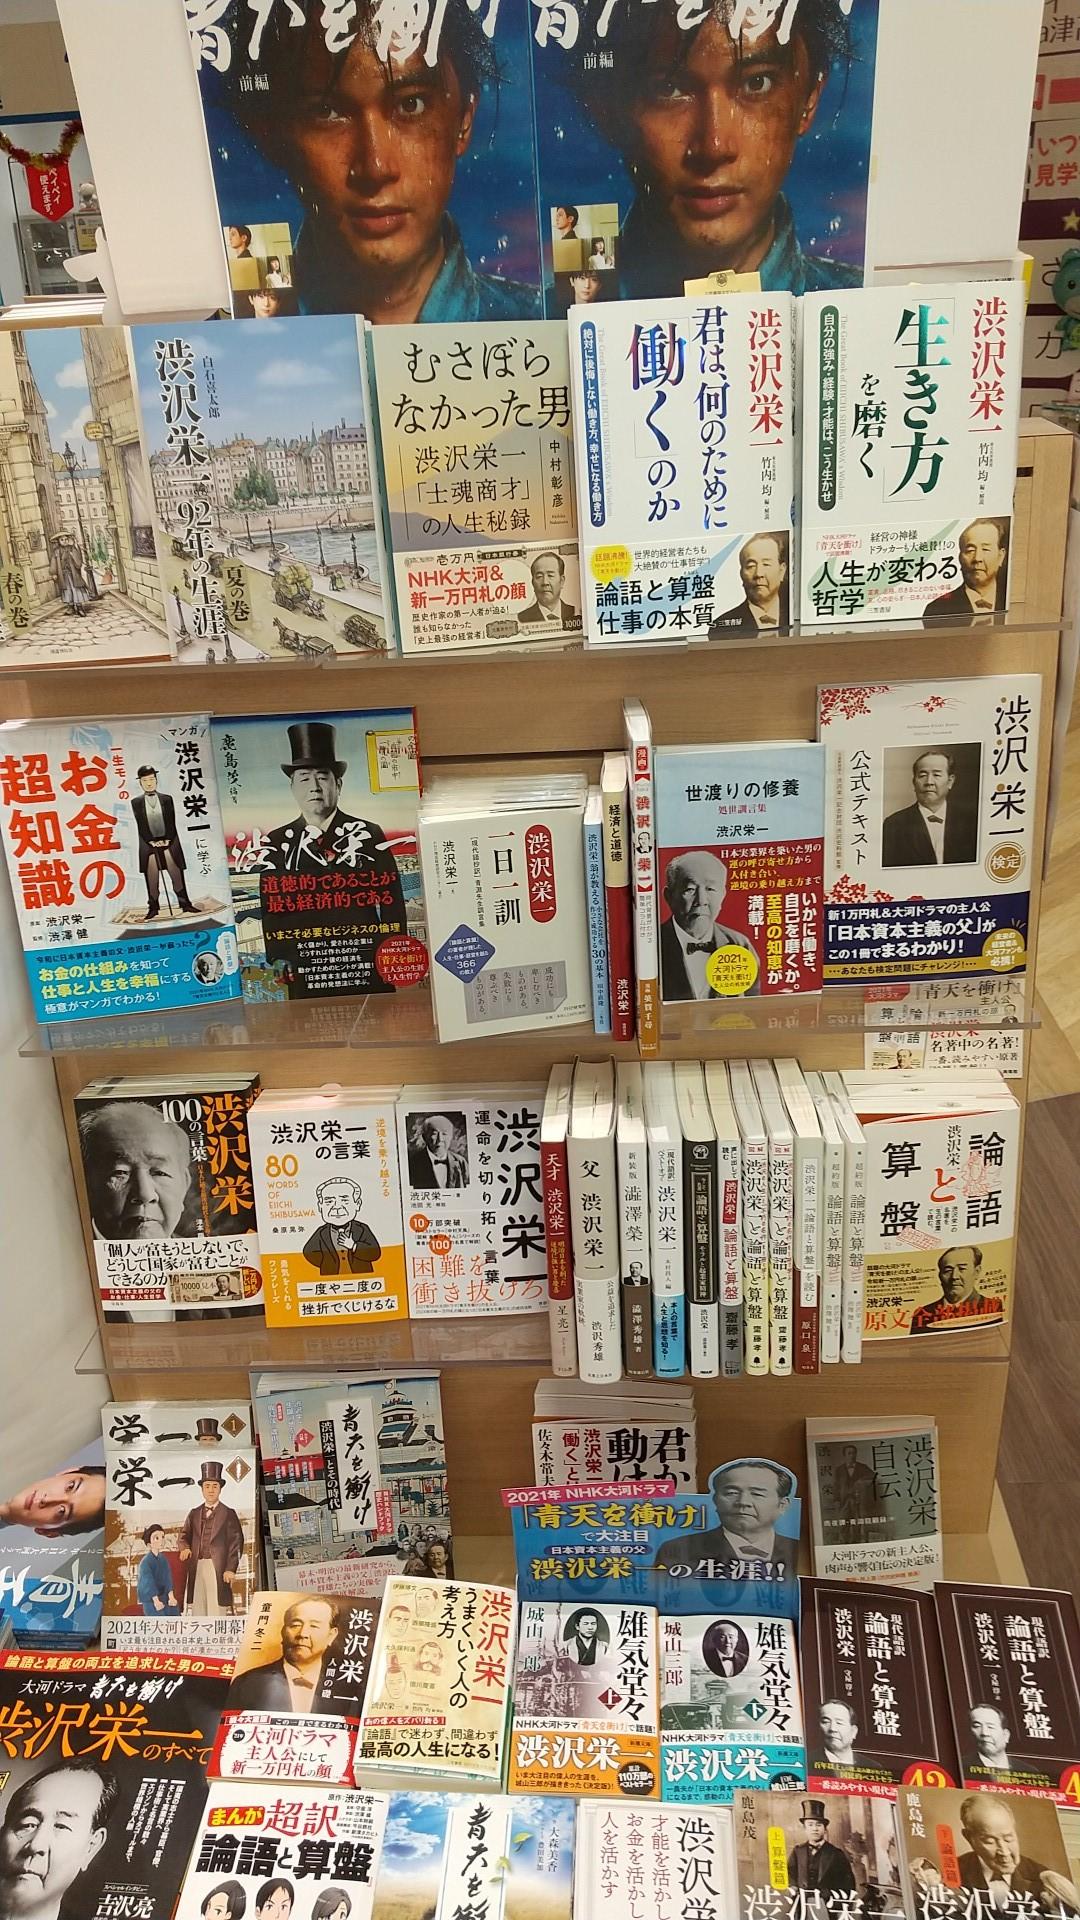 紀伊國屋書店:NHK大河ドラマ「青天を衝け」フェア好評開催中